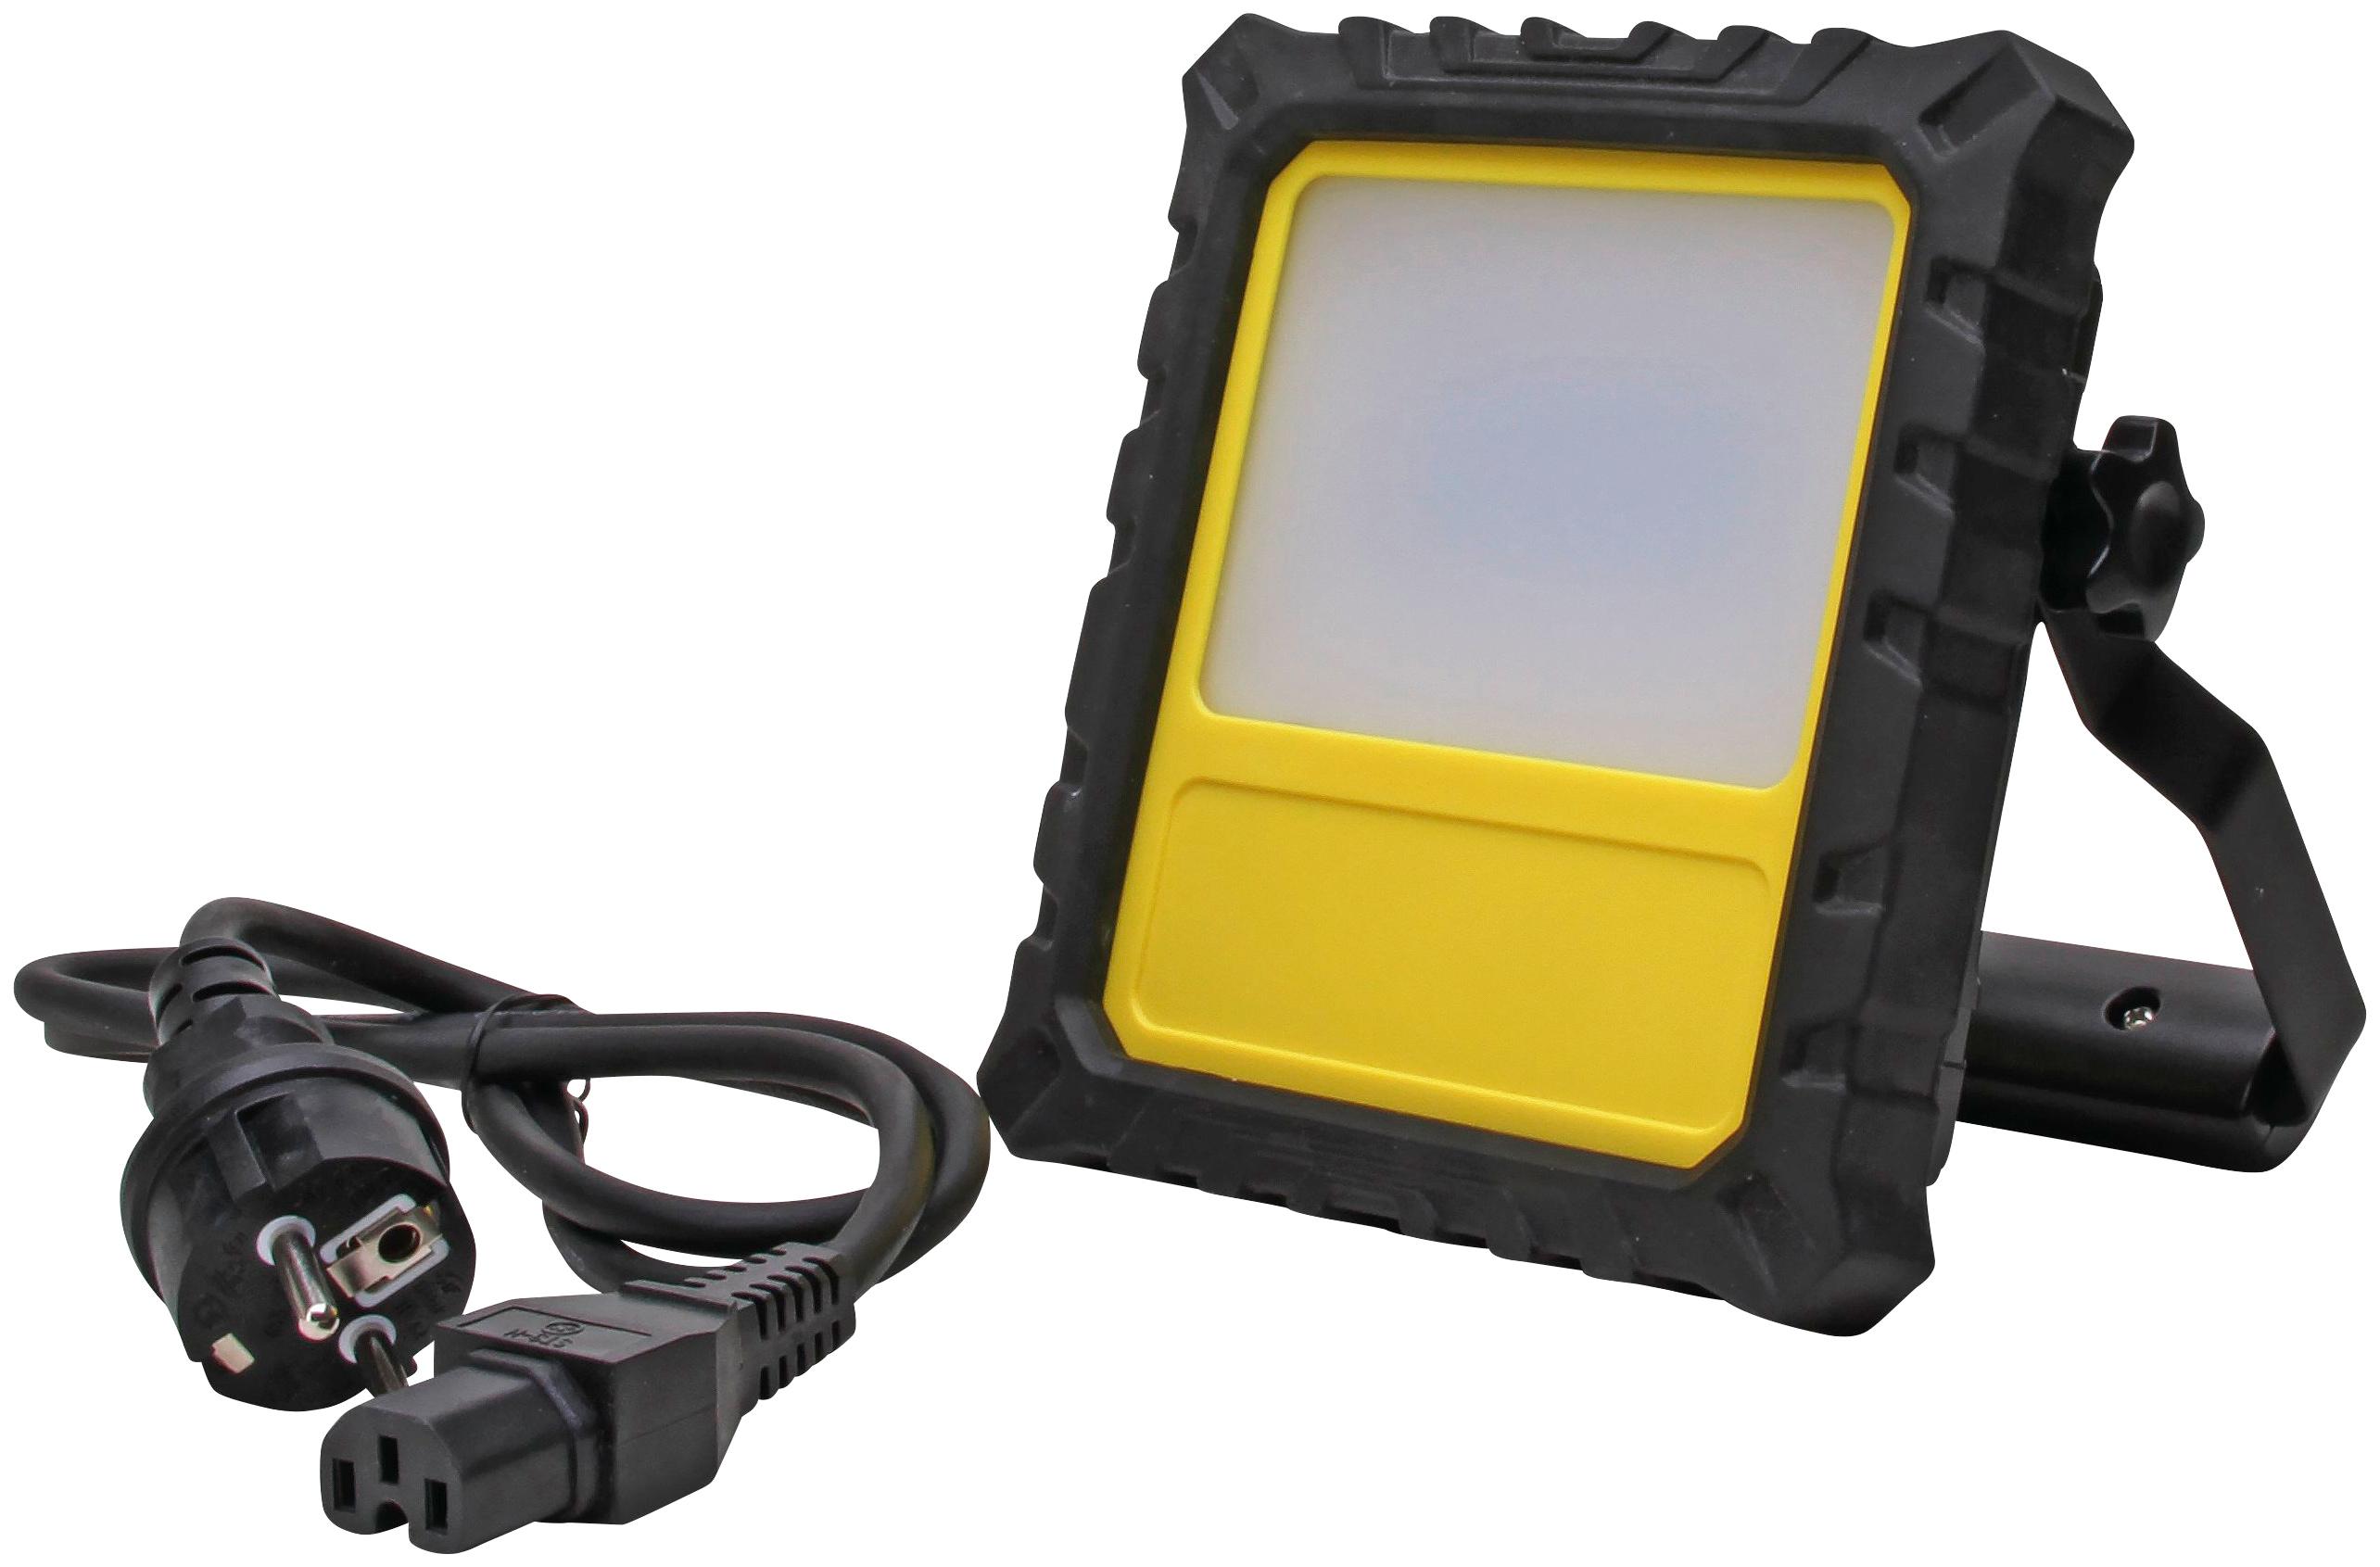 KOPP Flutlichtstrahler 20 Watt Akku LED-Strahler IP54 mit 4 Leuchtmodi